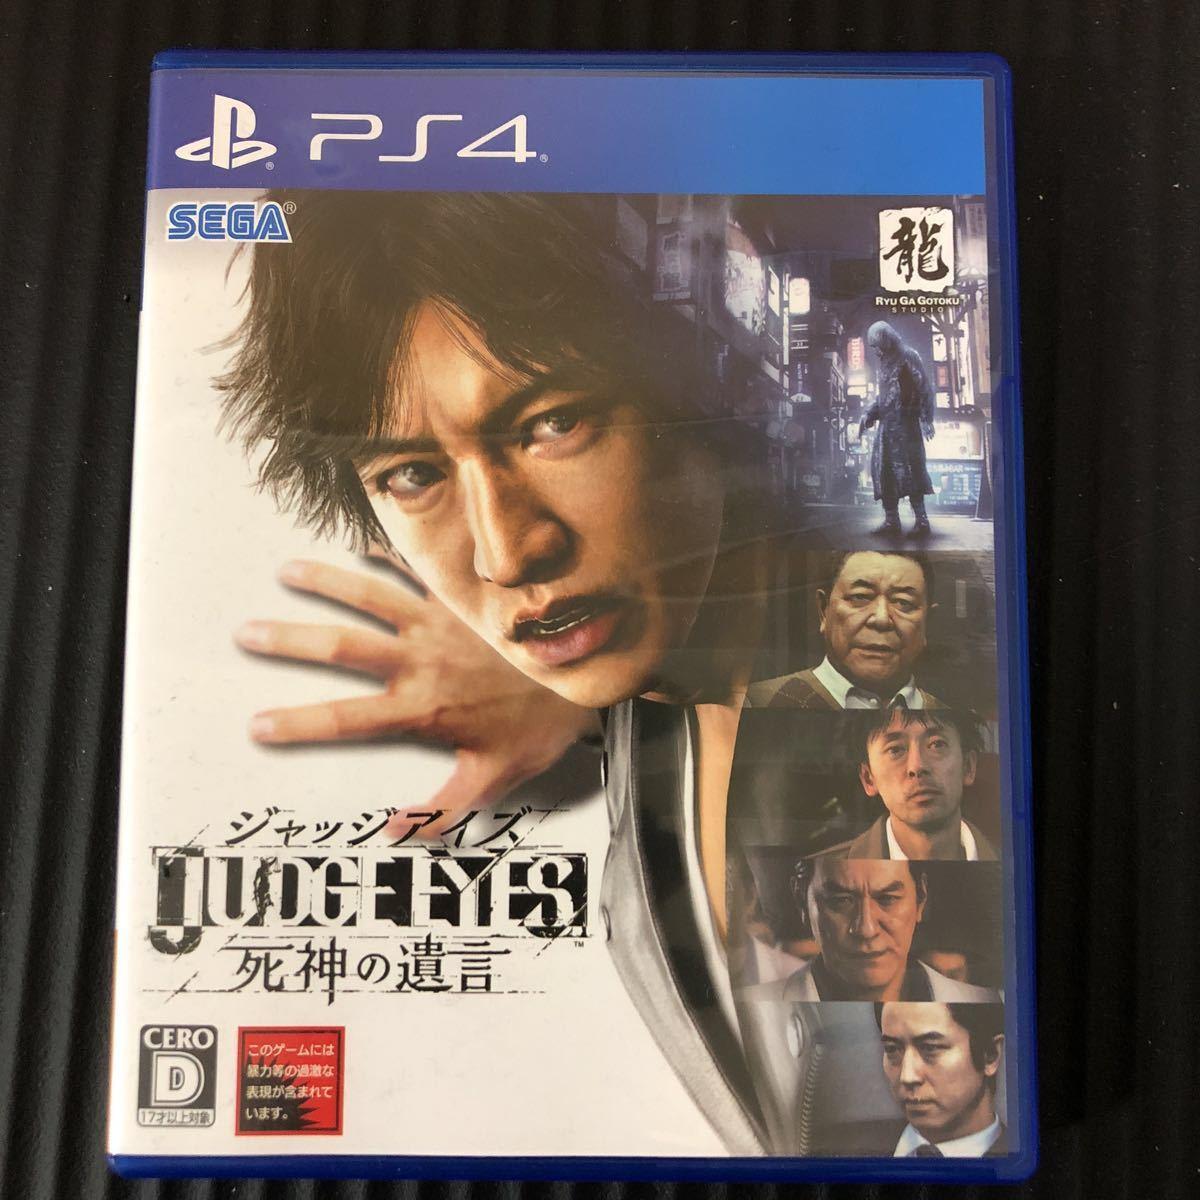 PS4 ソフトJUDGE EYES:死神の遺言(ジャッジアイズ ・キムタクが如く・JUDGEEYES) ・「龍が如く スタジオ」×木村拓哉の最新作